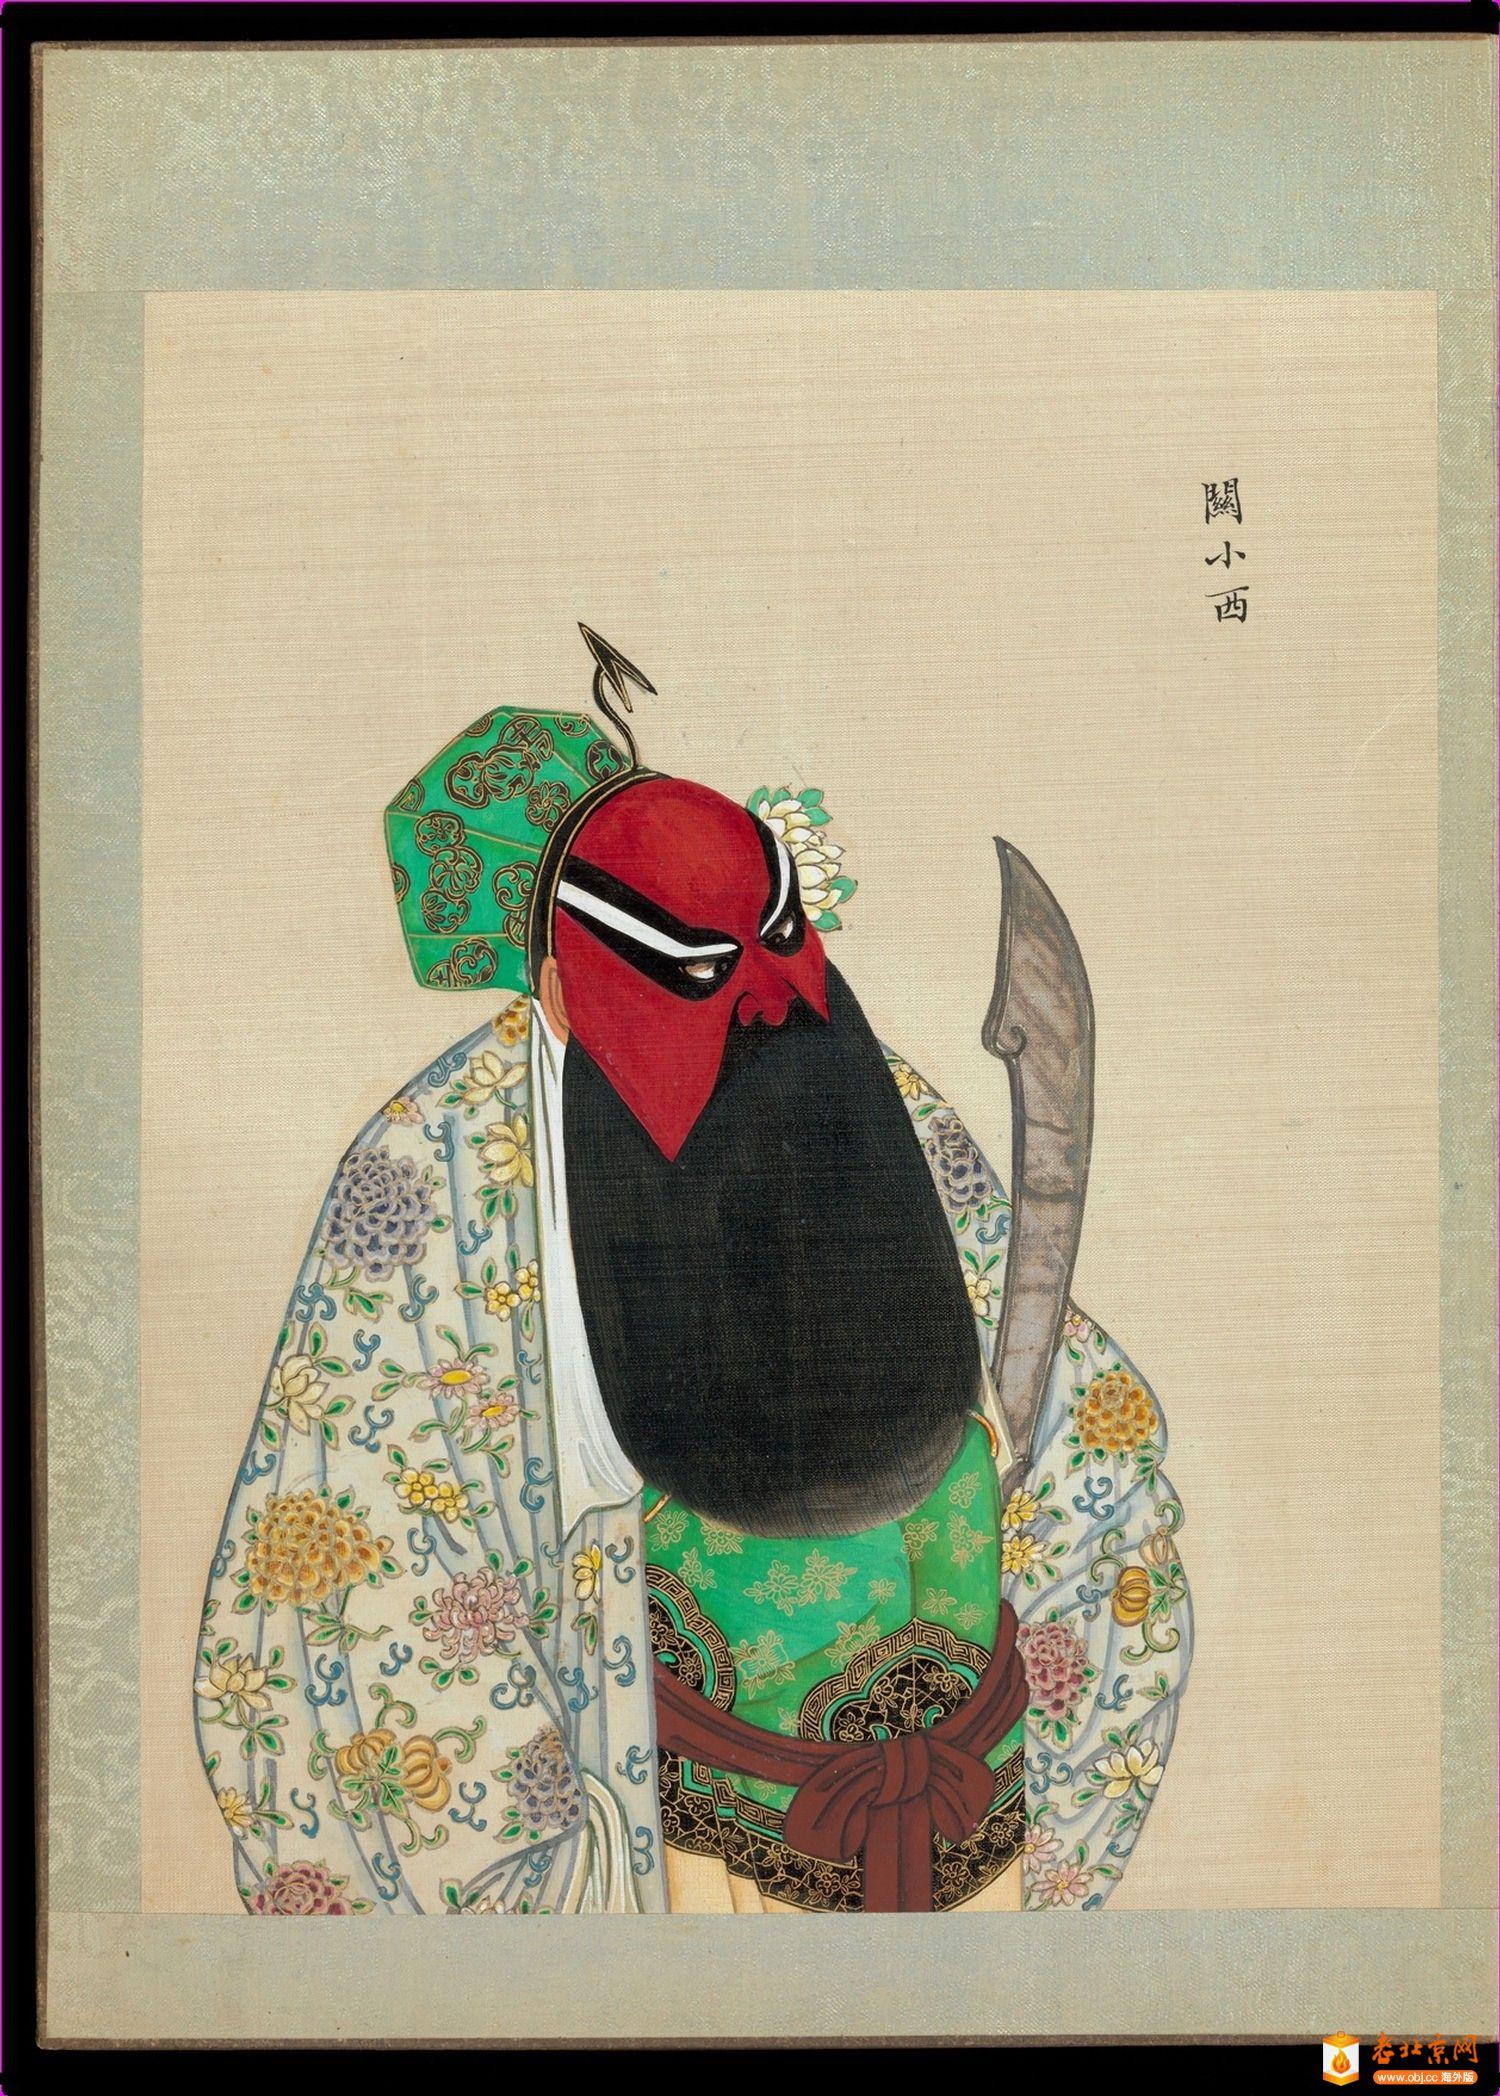 百幅京剧人物图.清代_page73_image1.jpg